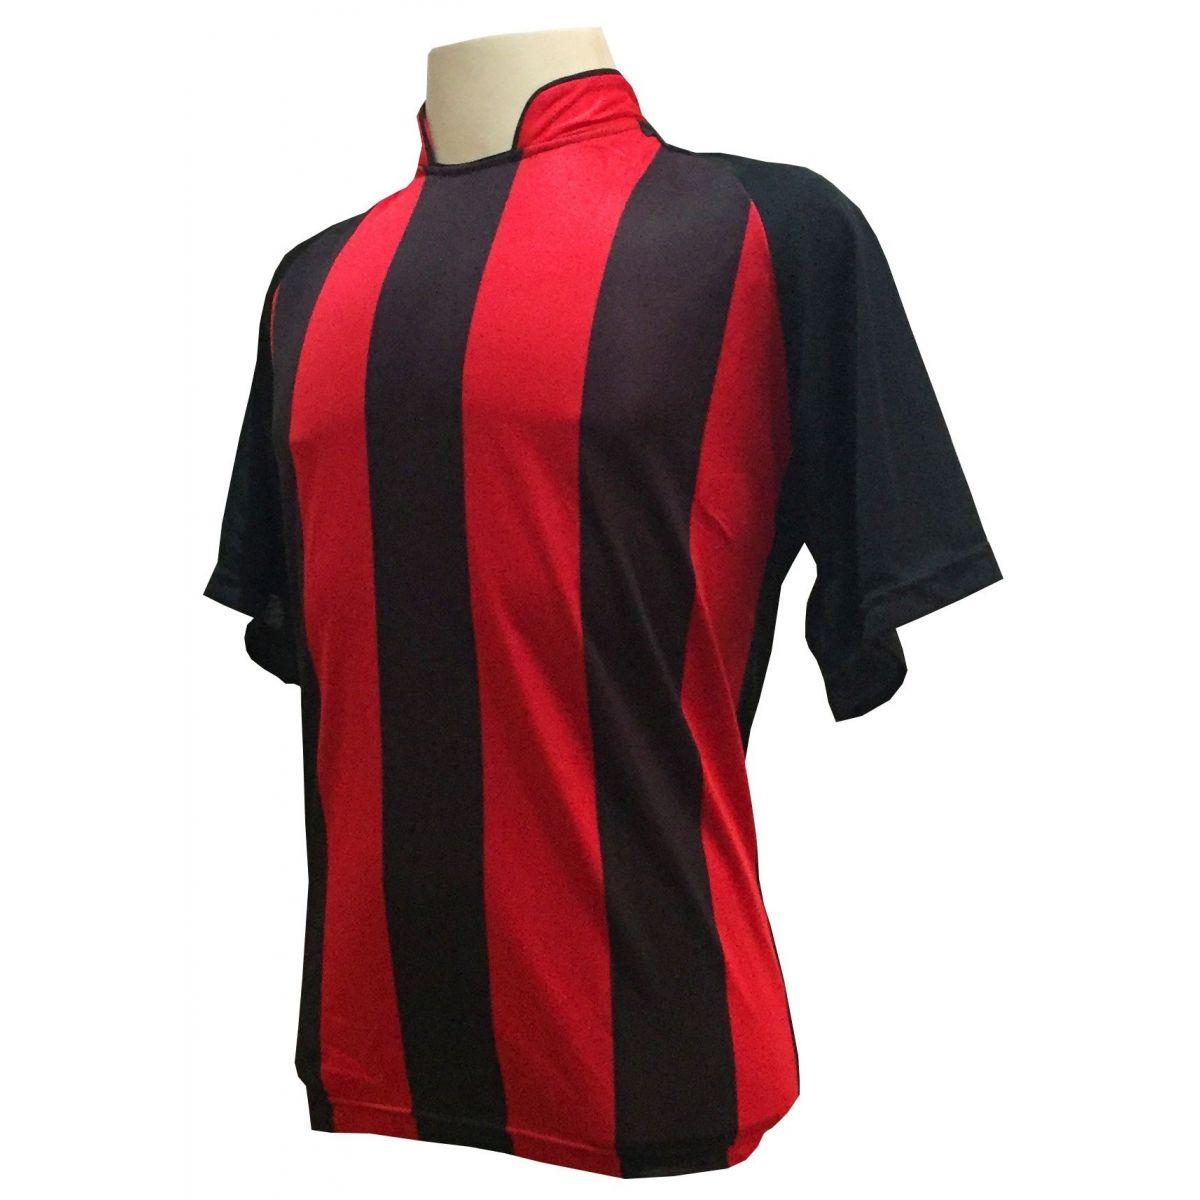 Jogo de Camisa com 18 unidades modelo Milan Preto/Vermelho + 1 Goleiro + Brindes